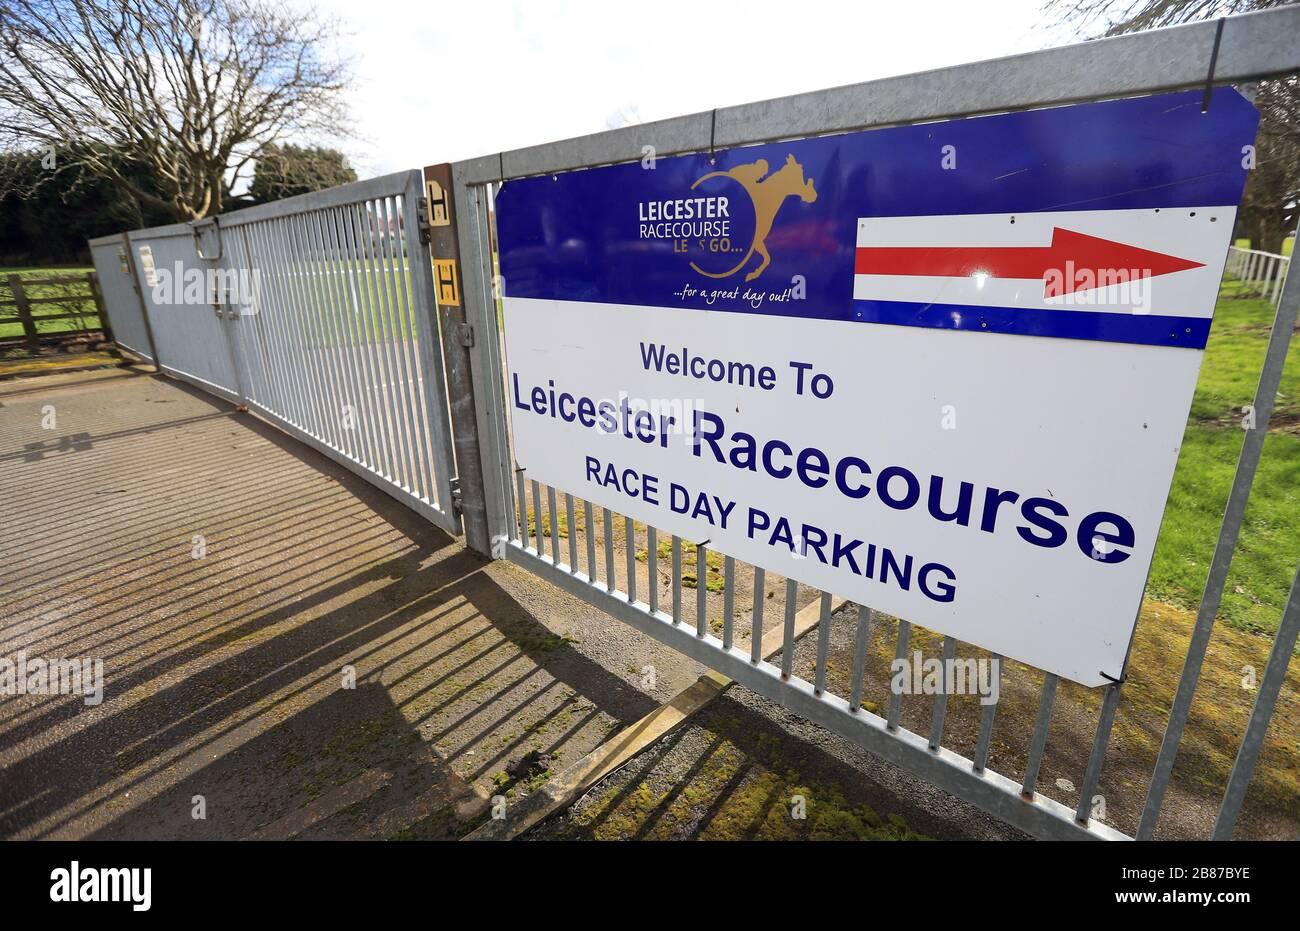 Une vue générale des portes verrouillées de l'hippodrome de Leicester comme course en Grande-Bretagne est en attente jusqu'à la fin du mois d'avril au plus tôt. Banque D'Images